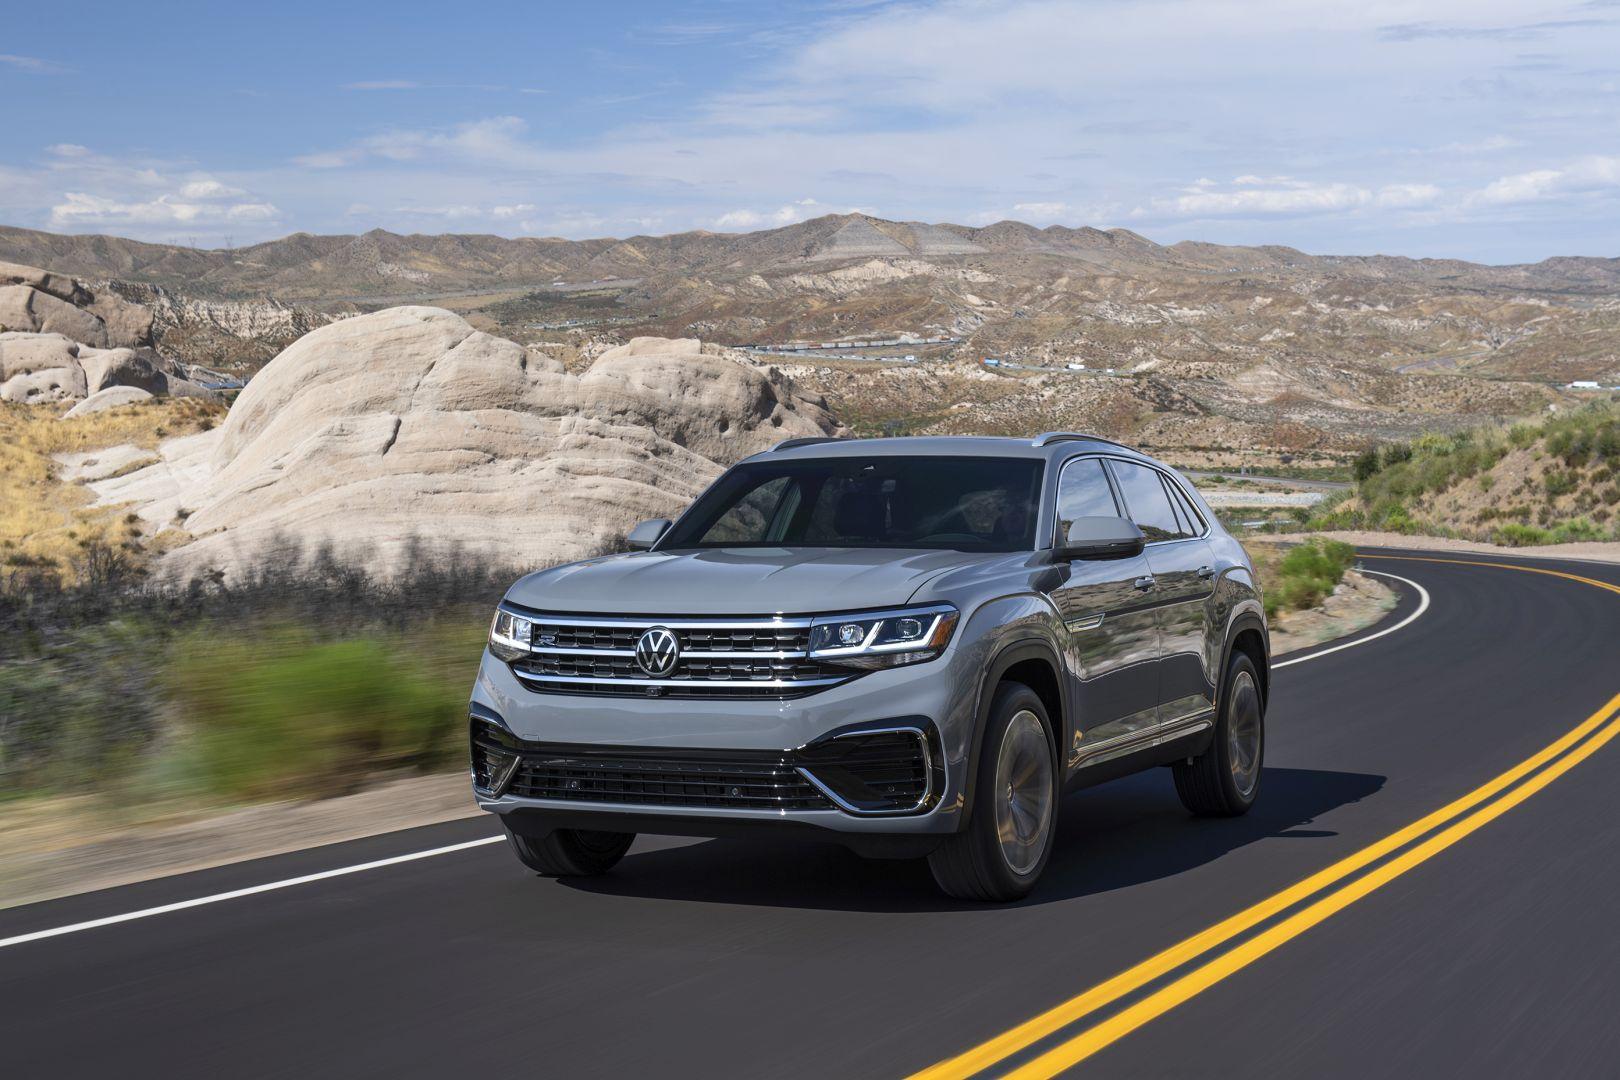 2020 Volkswagen Atlas Cross Sport Priced from $30,545, 8 ...